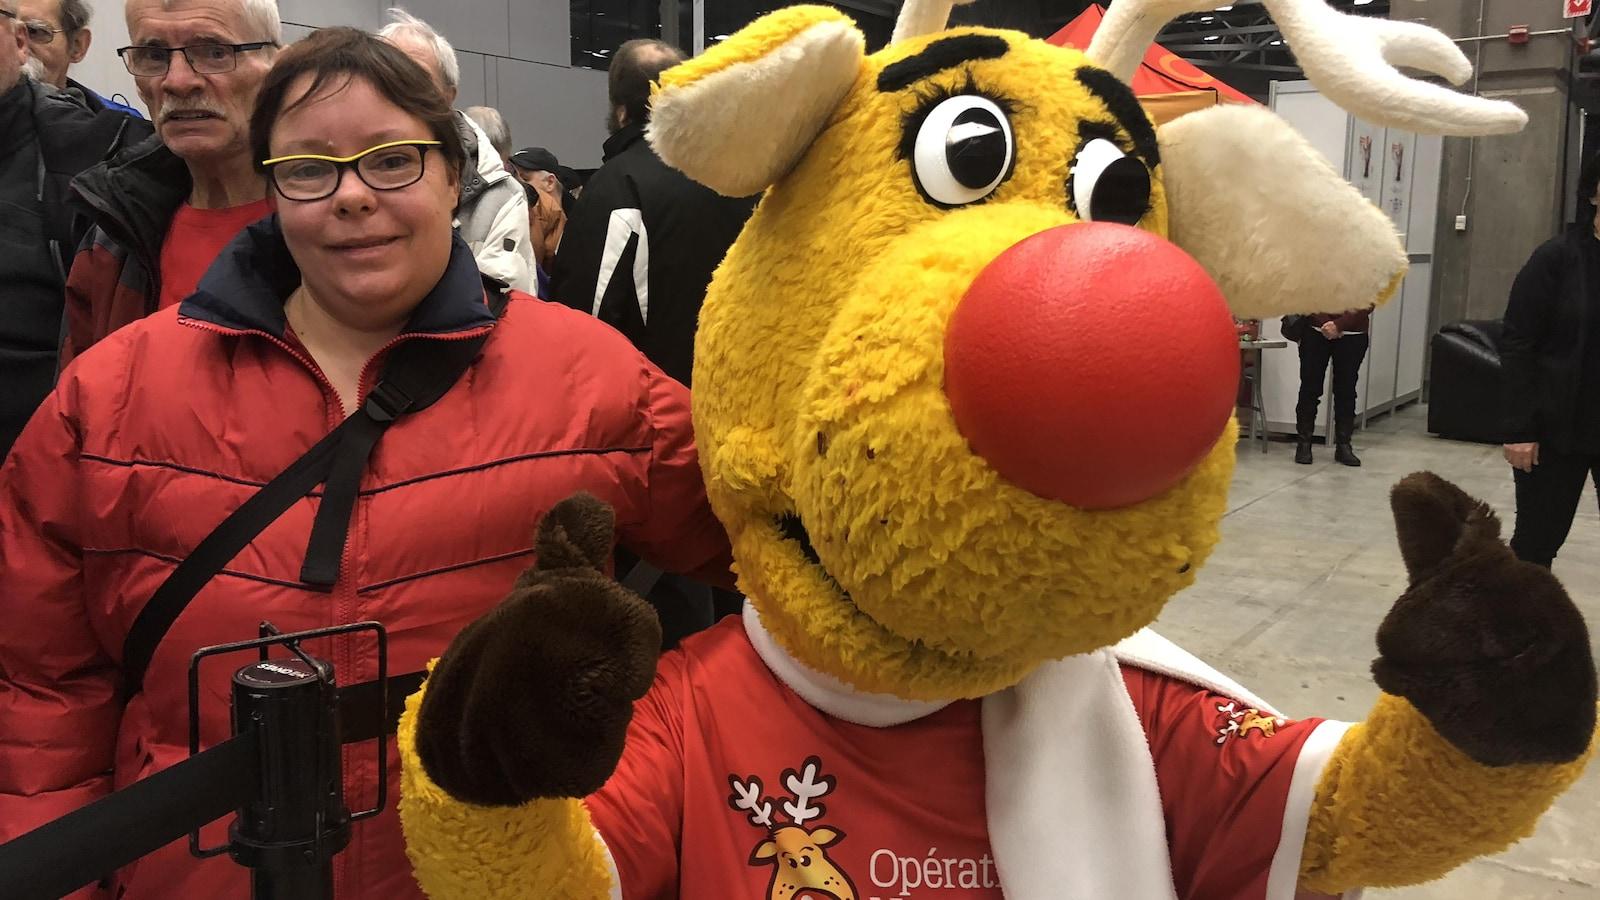 La mascotte d'Opération Nez rouge accompagnée d'une bénévole.